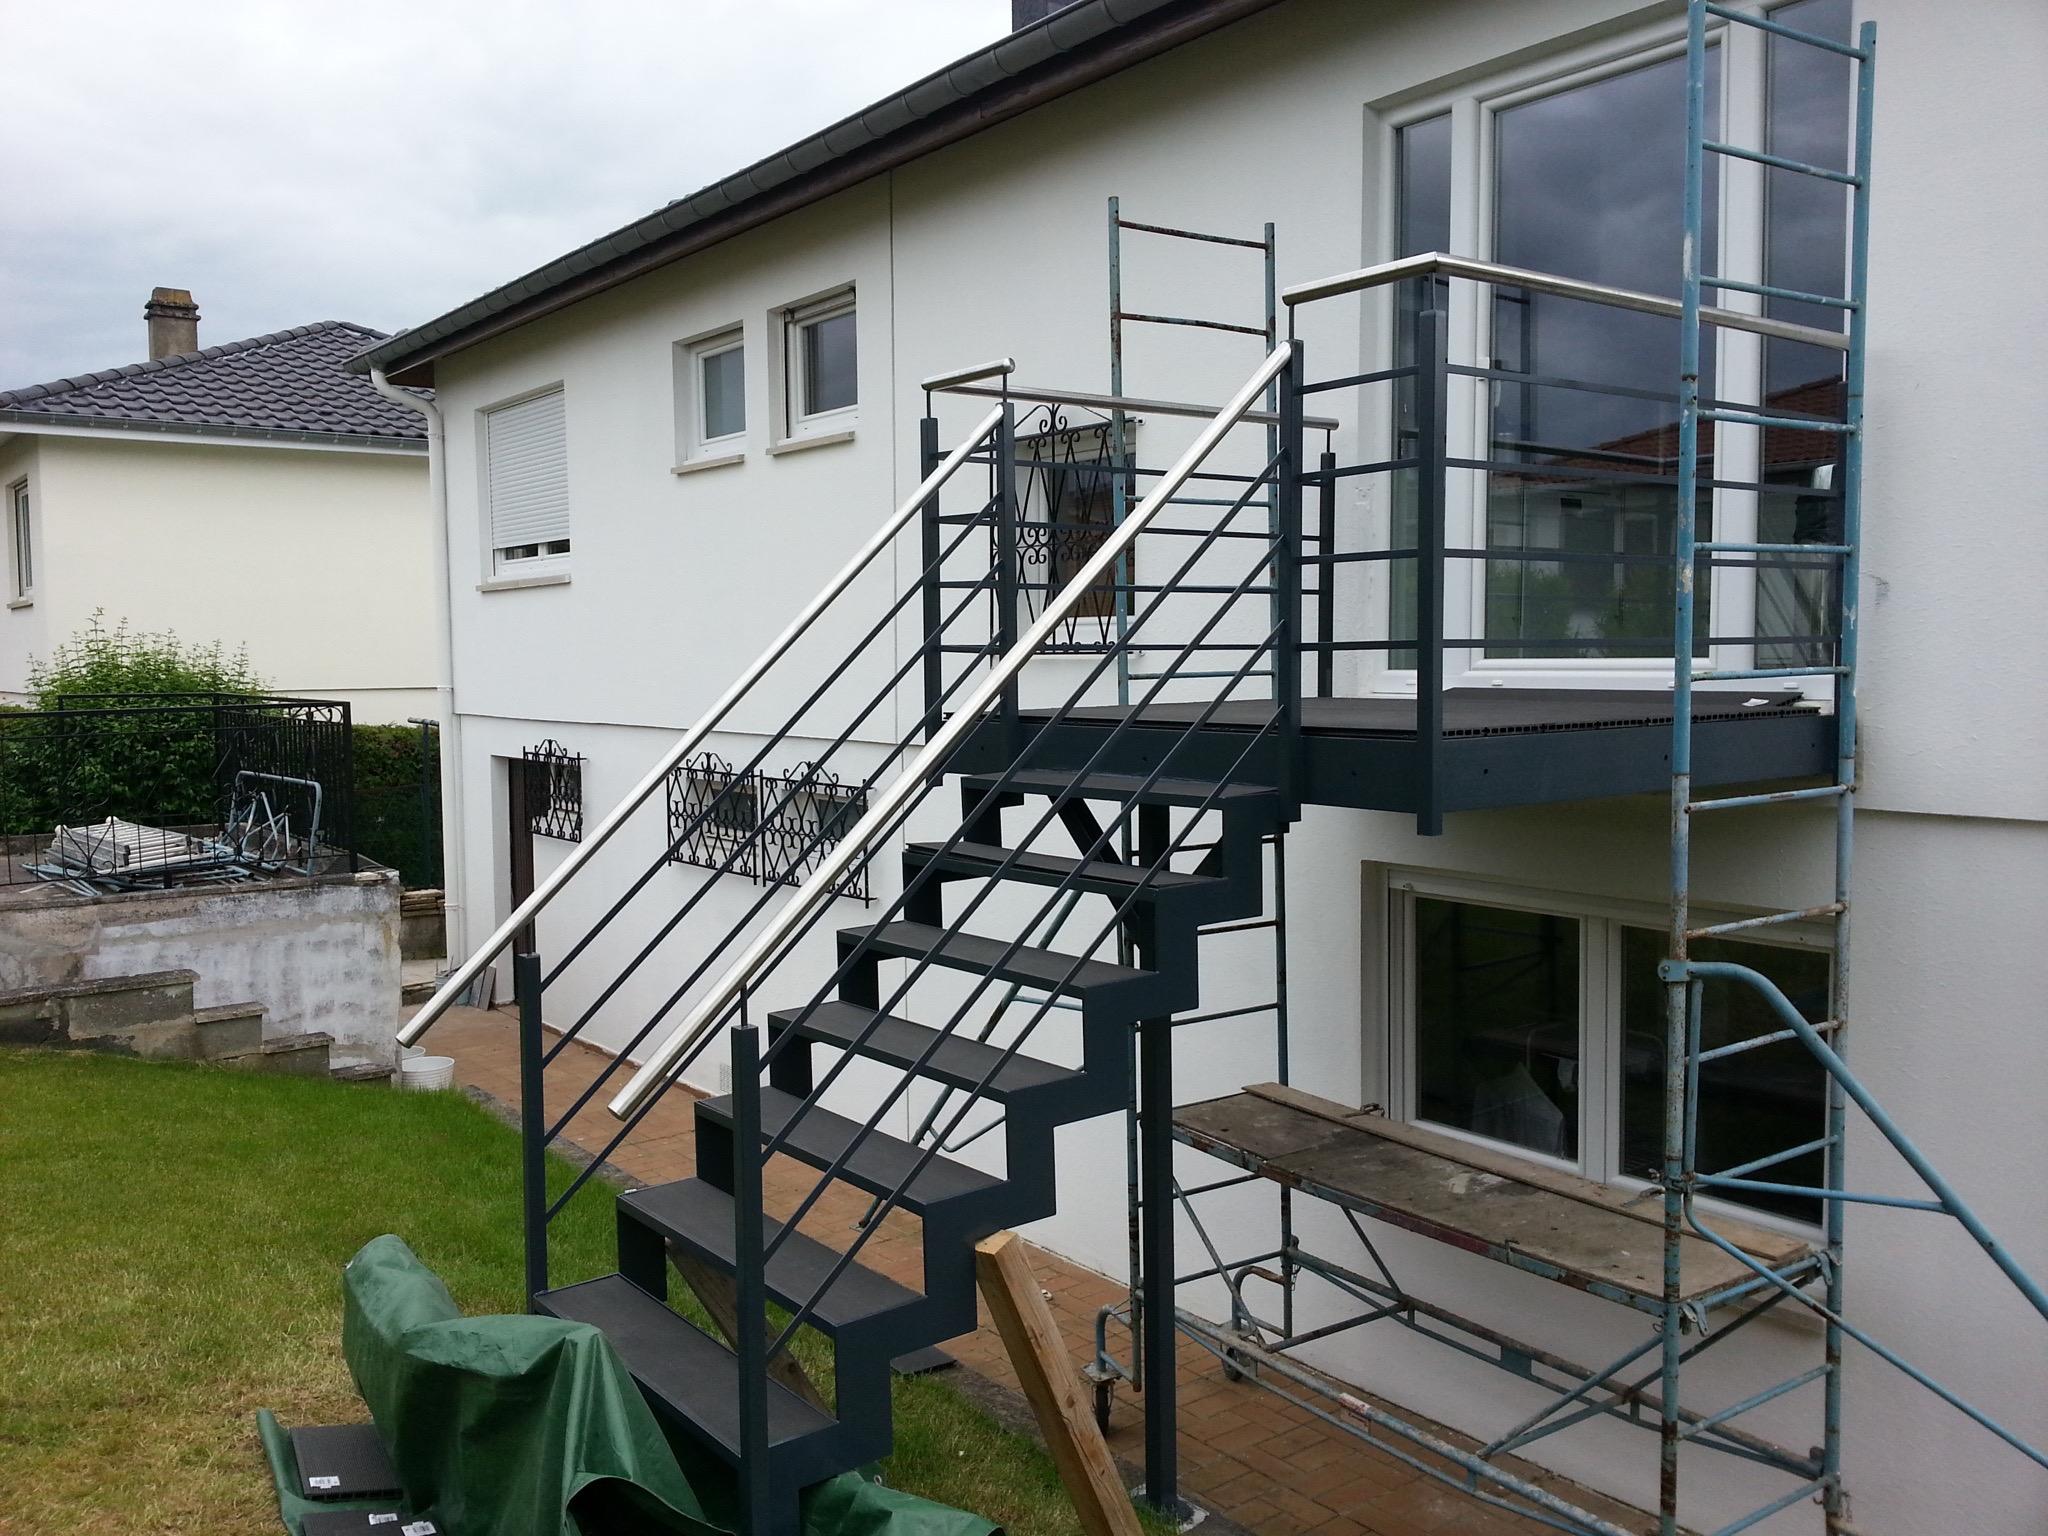 terrasse balcon m tal bs concept sp cialiste du travail du m tal et des structures metalliques. Black Bedroom Furniture Sets. Home Design Ideas